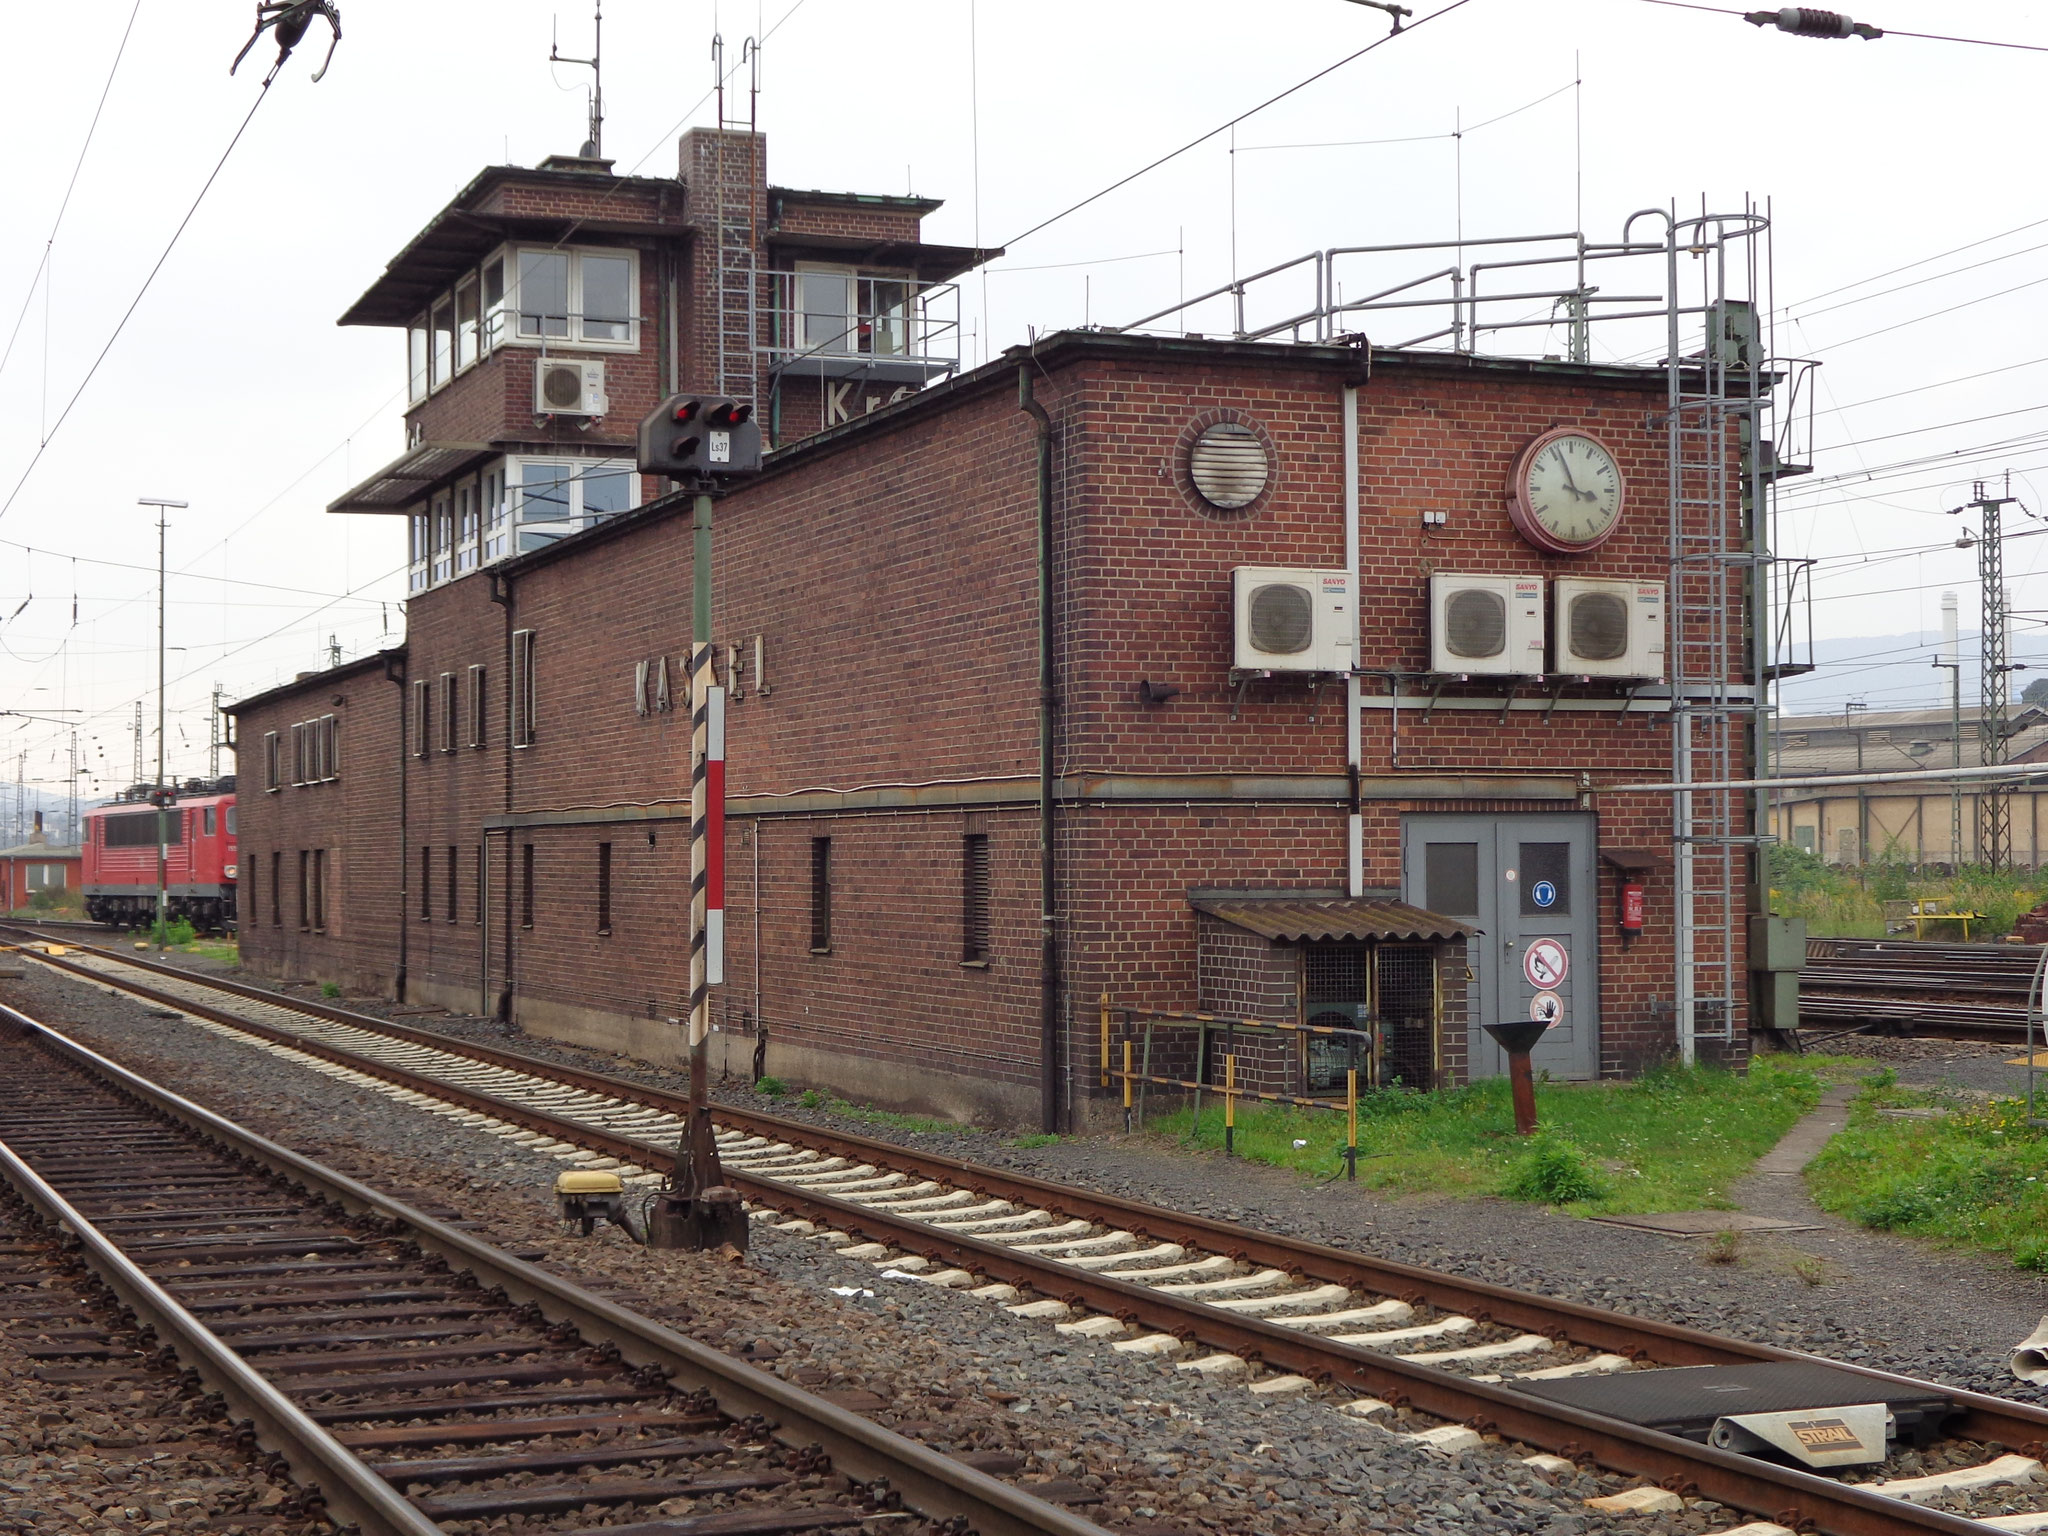 Stellwerk; Deutsche Bahn Kassel